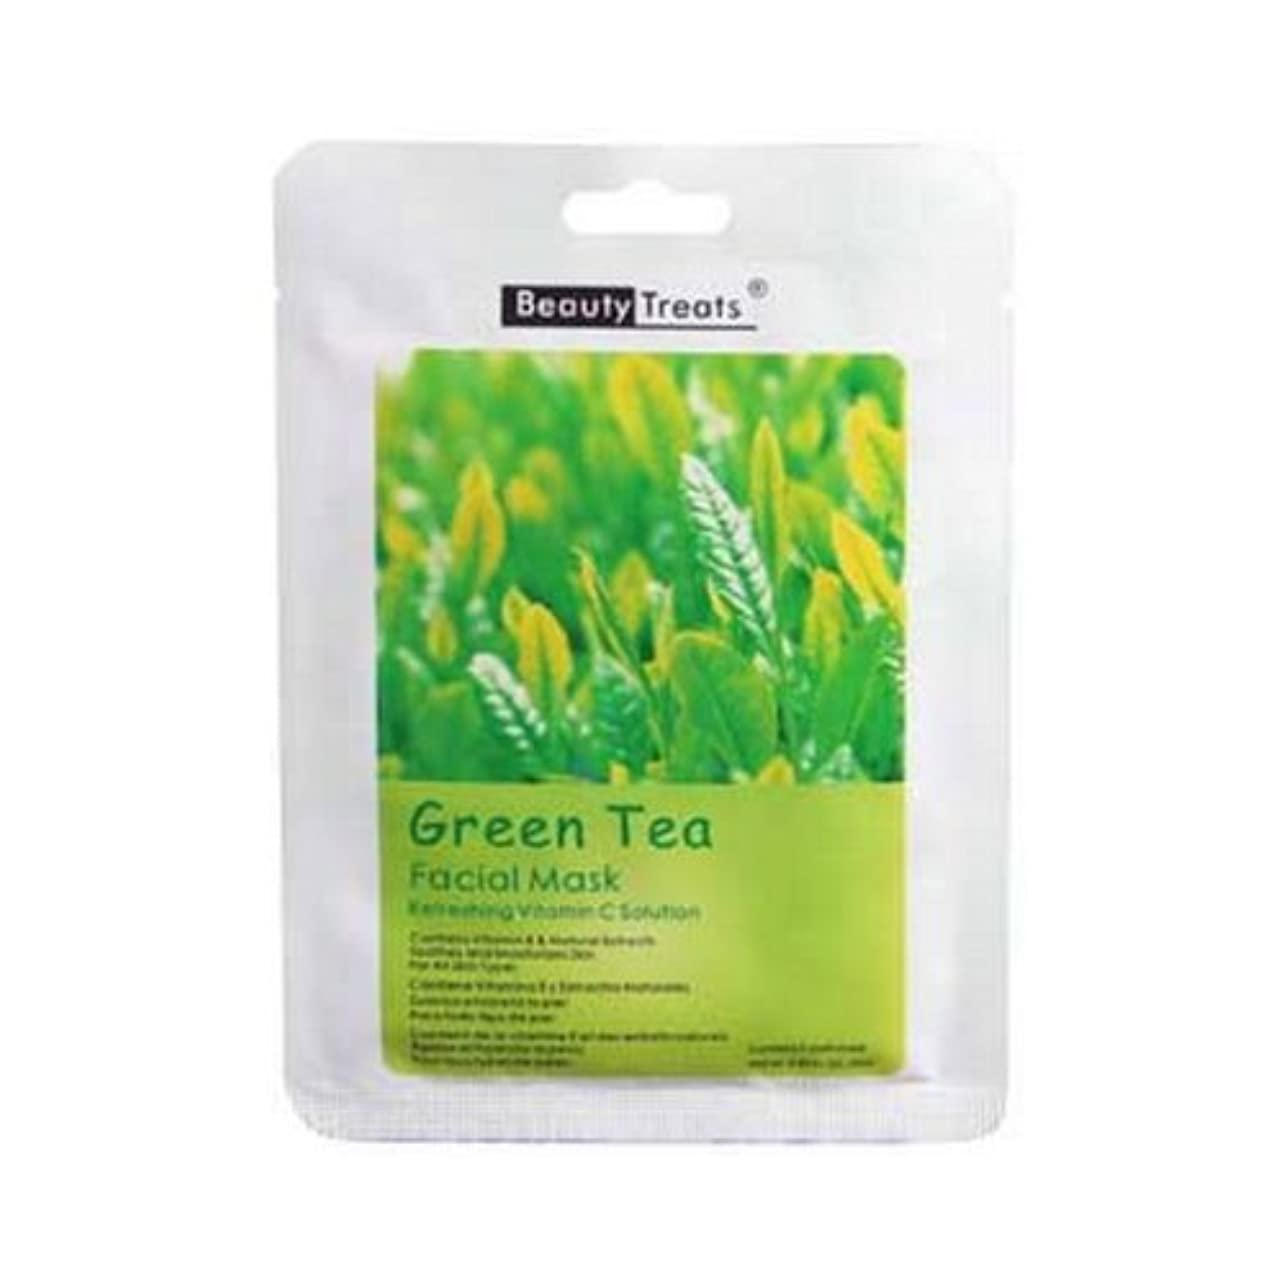 後ろに脅迫短命(6 Pack) BEAUTY TREATS Facial Mask Refreshing Vitamin C Solution - Green Tea (並行輸入品)